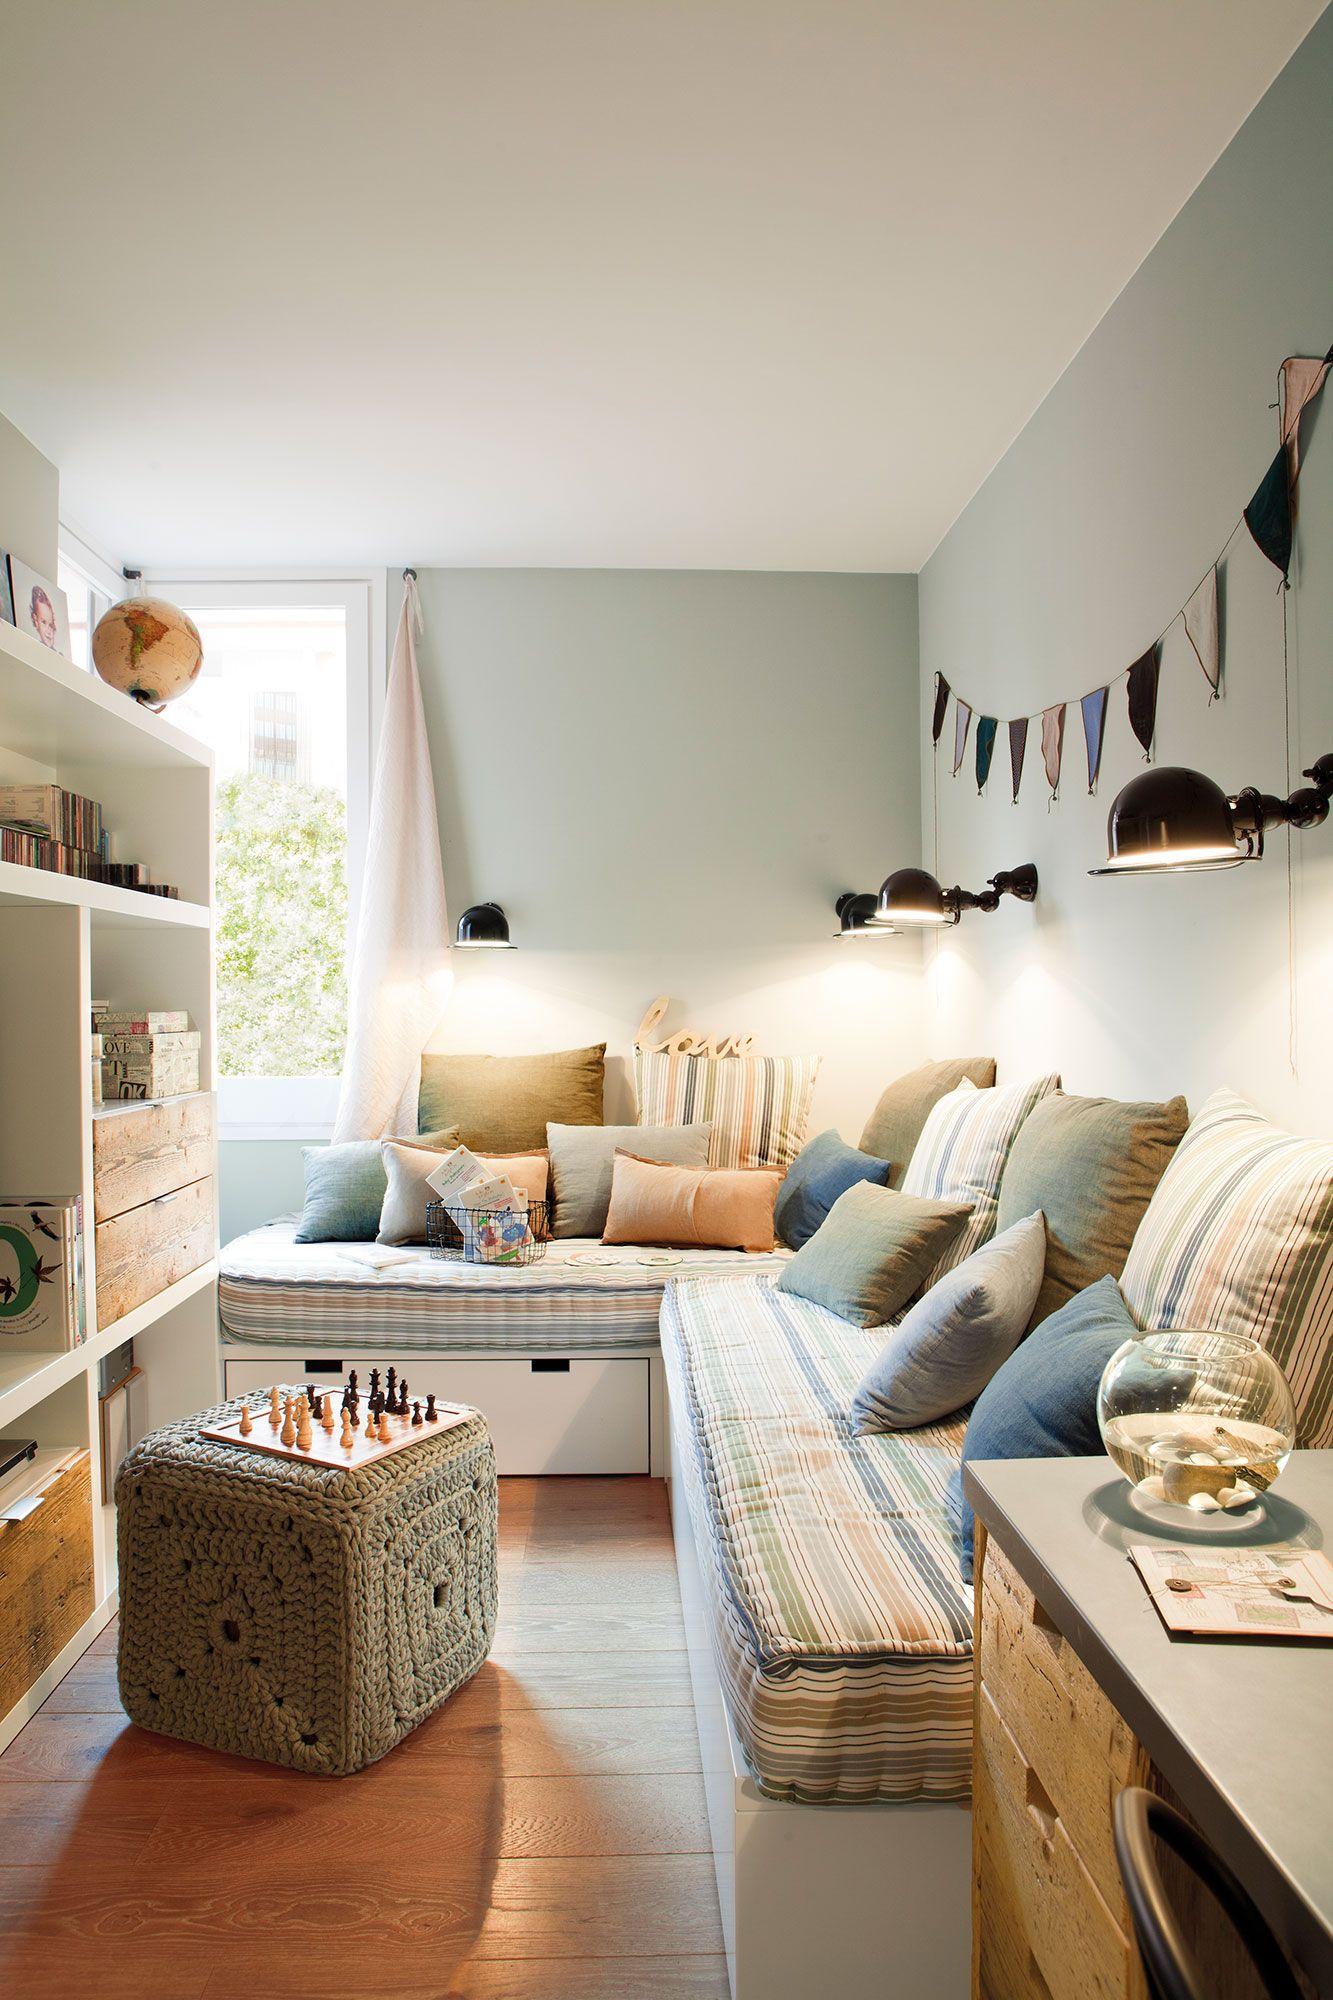 Dormitorio infantil con literas en 2018 deco pinterest - Habitaciones infantiles con dos camas ...